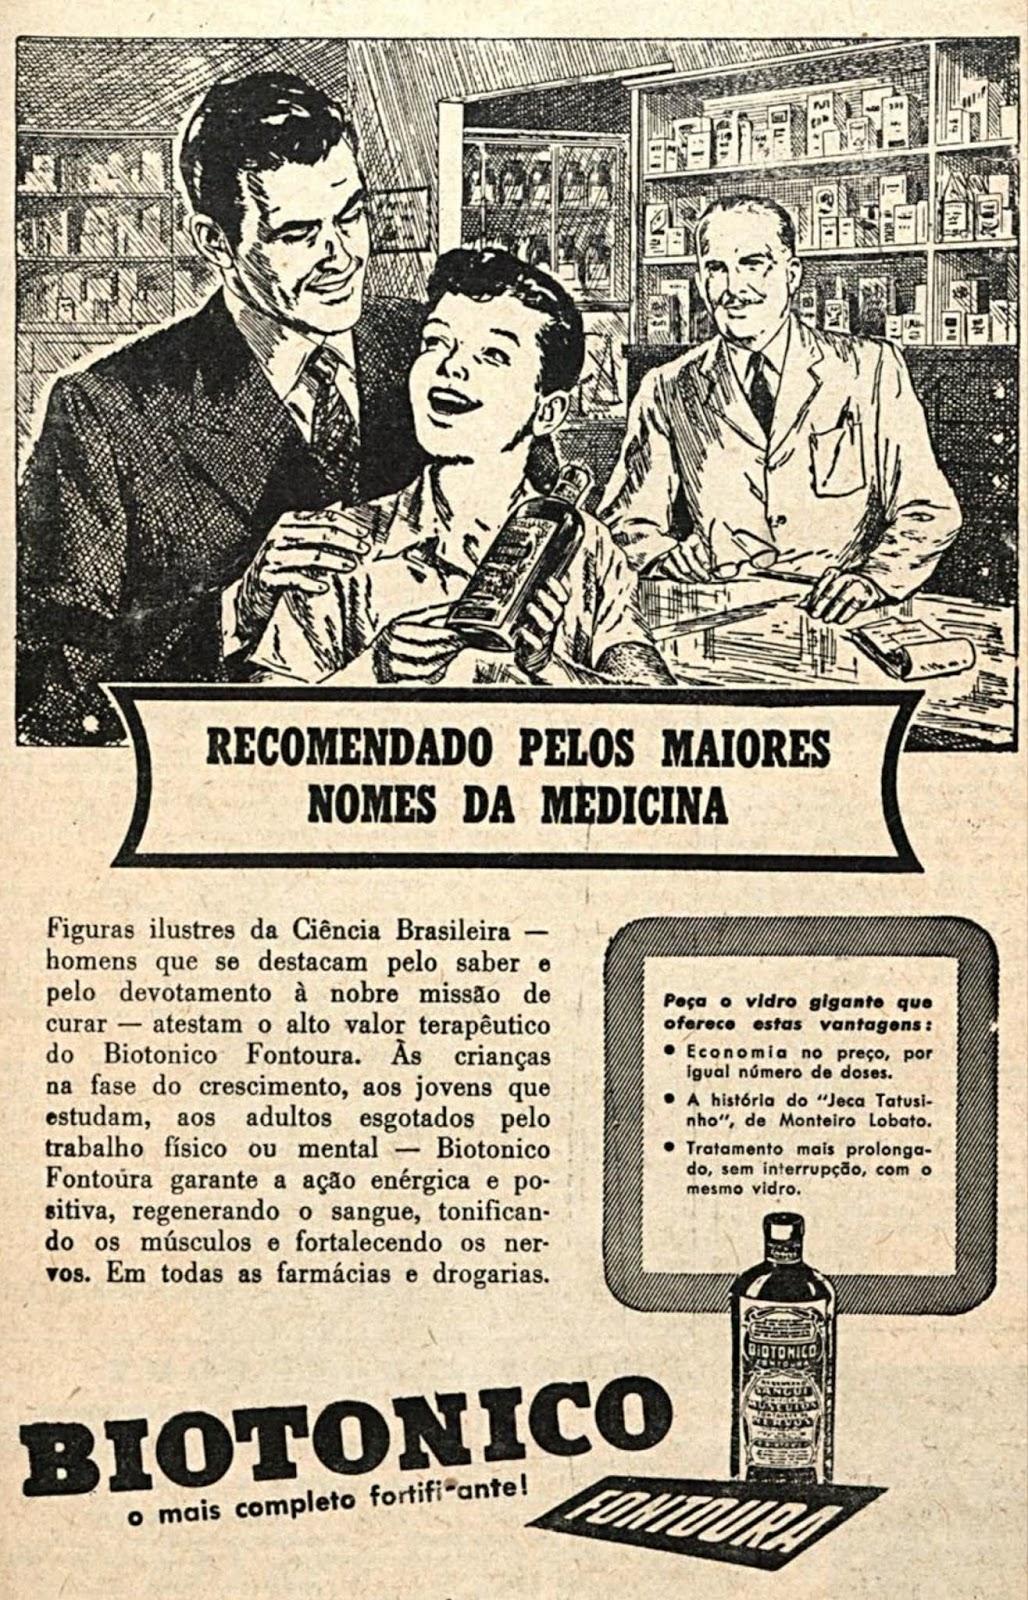 Propaganda antiga do Biotônico Fontoura veiculada em 1954 com recomendação de médicos